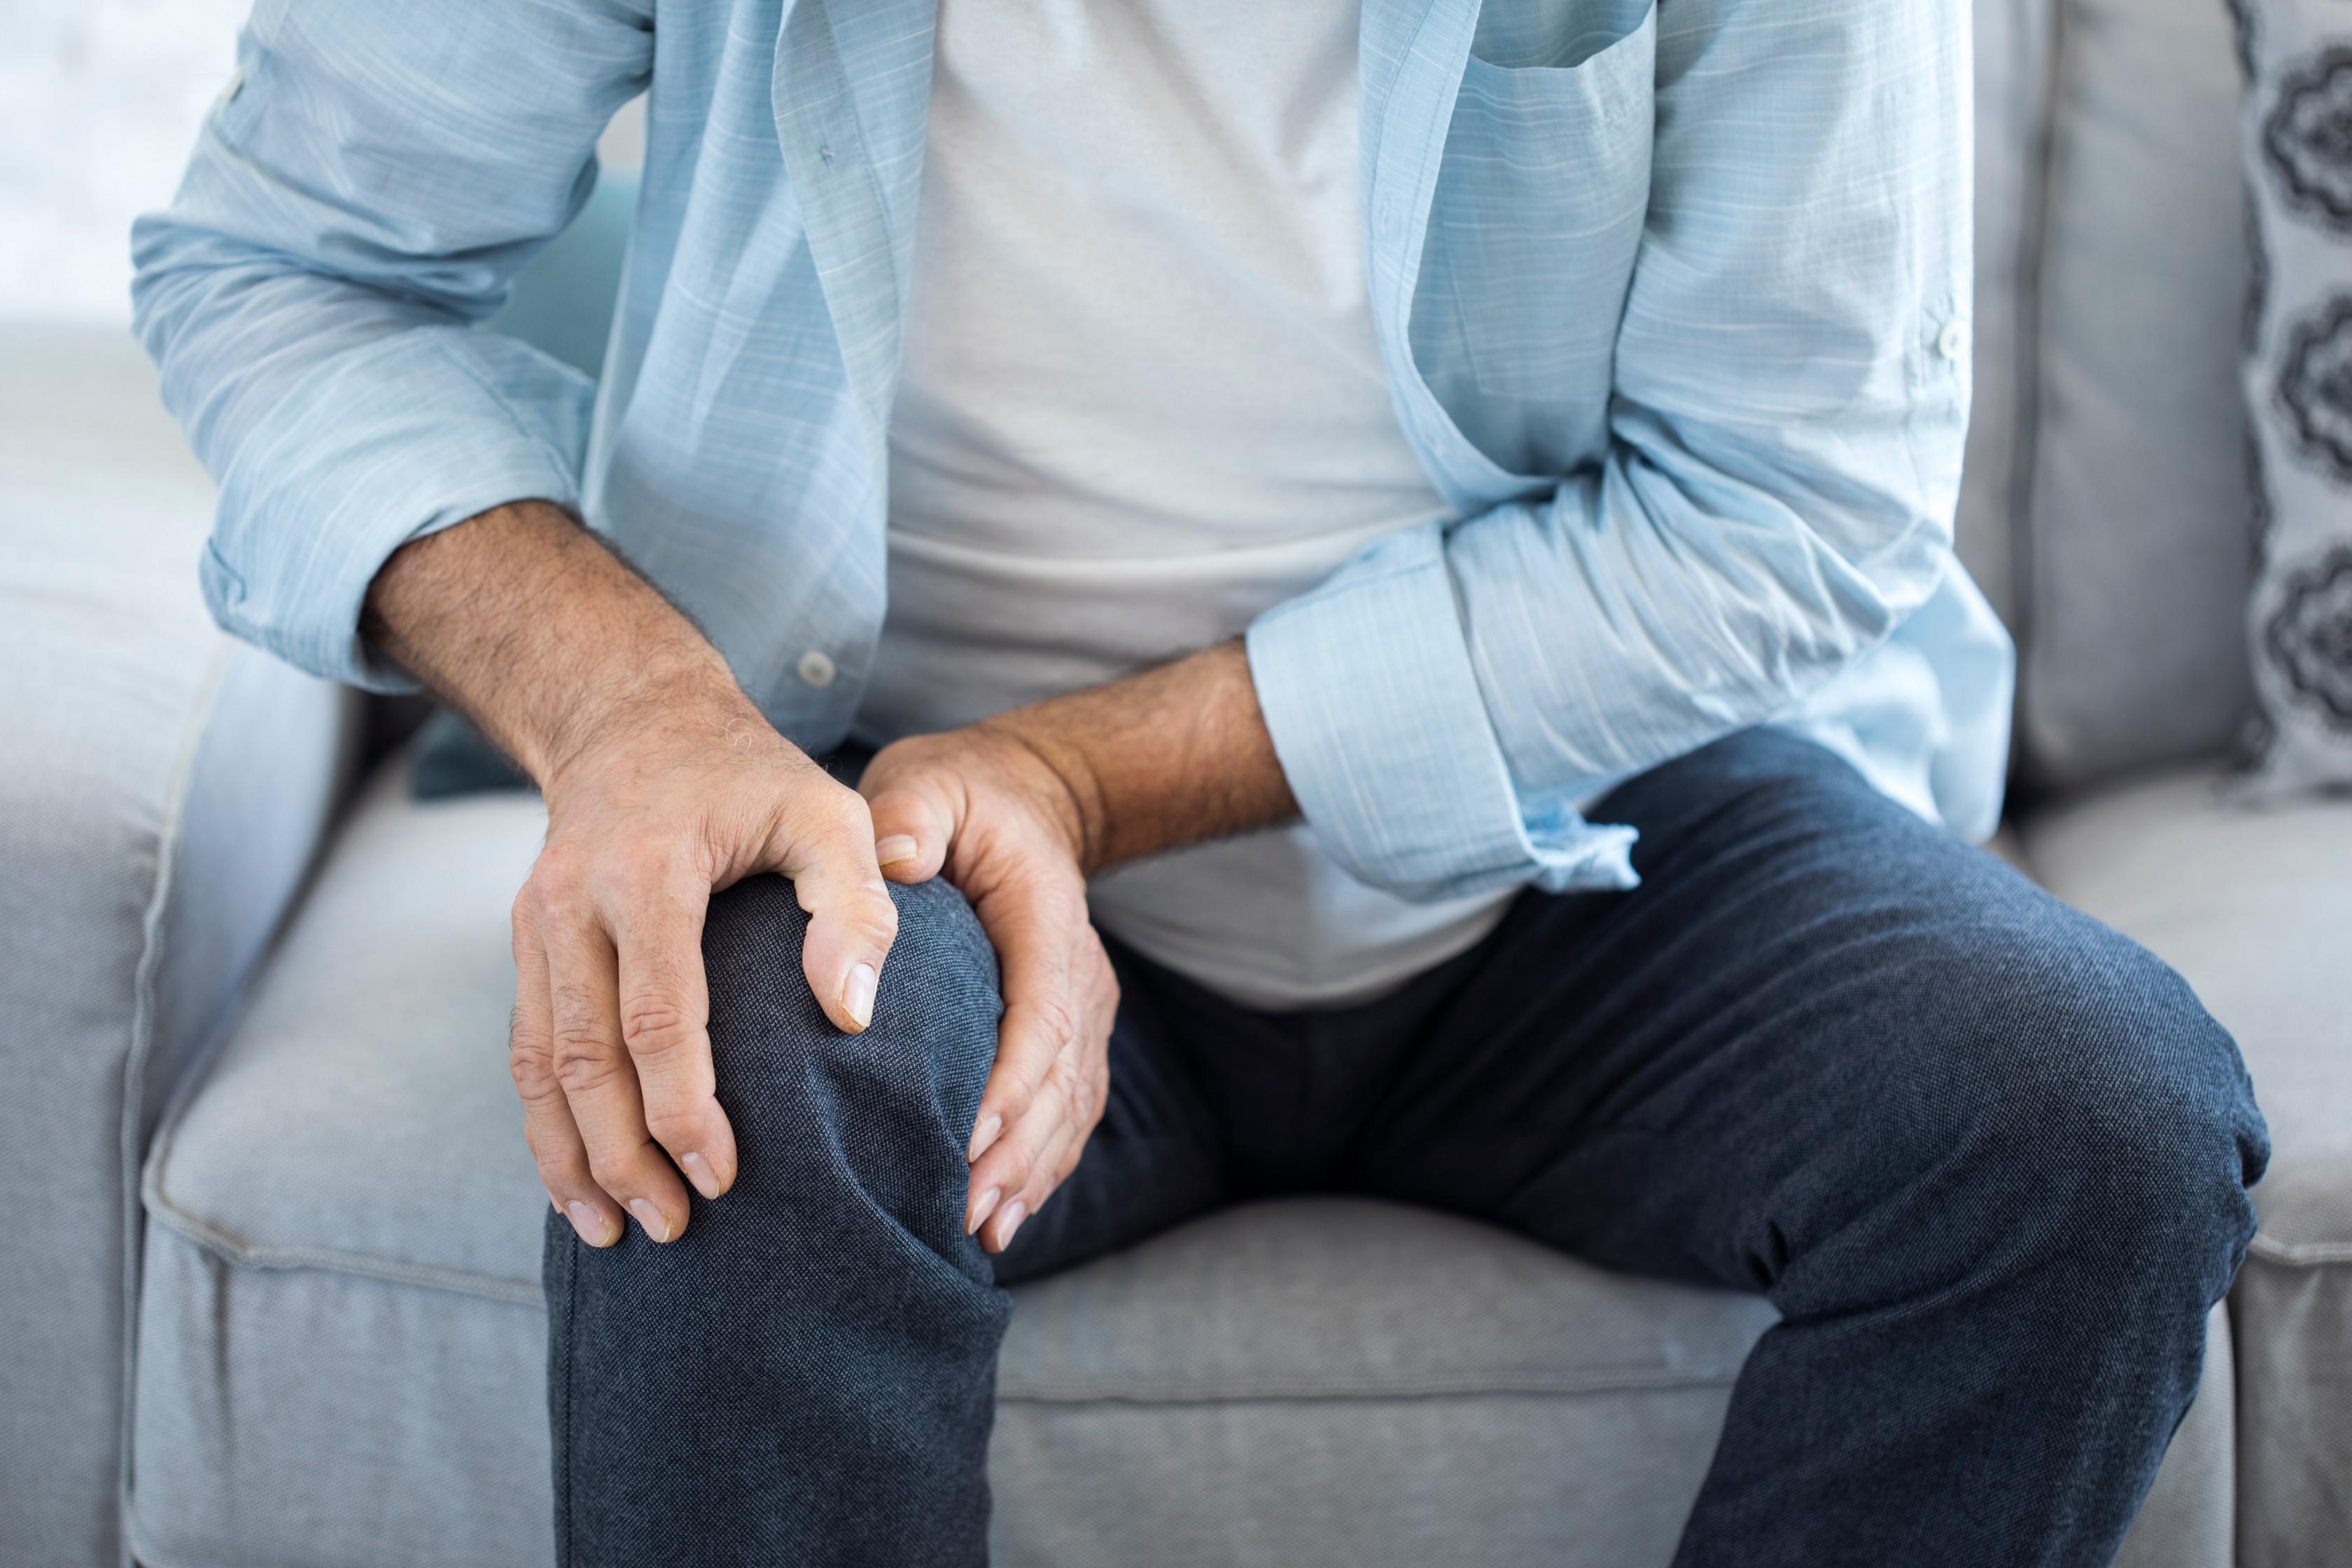 fájdalom az ízületek duzzanatának merevsége karbamid ízületi betegségben